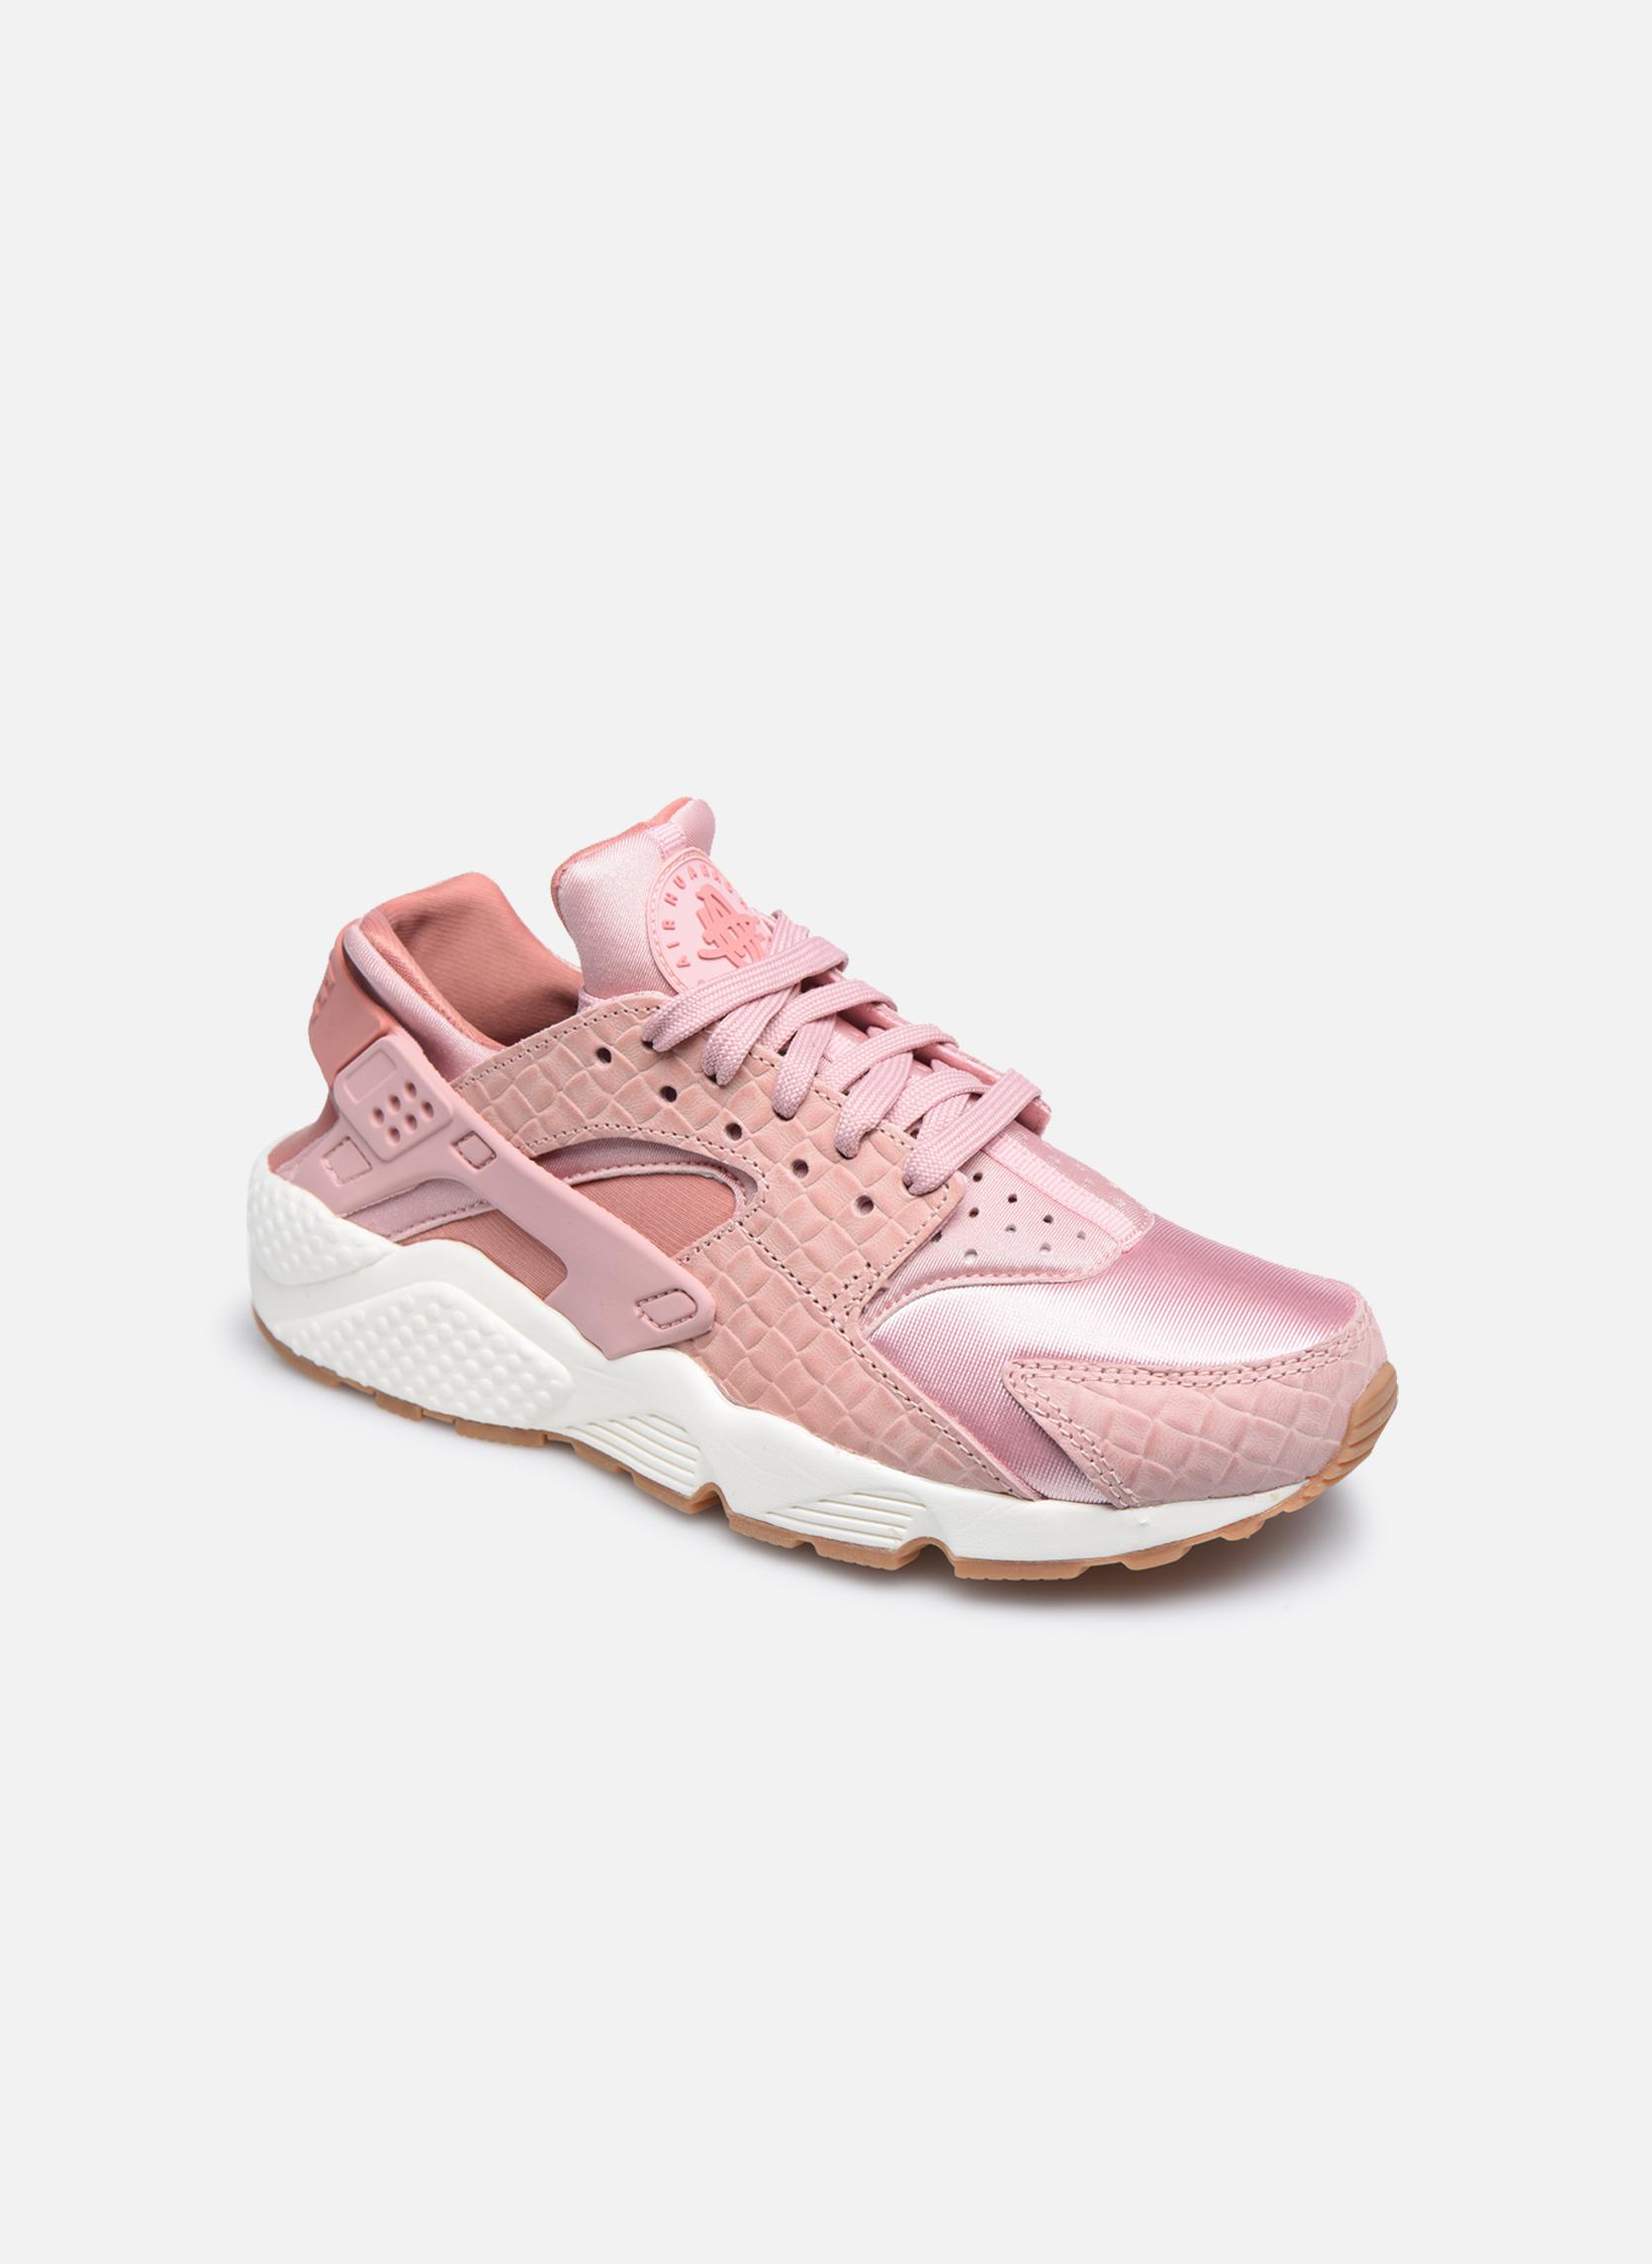 Wmns Air Huarache Run Prm Pink Glaze/Pearl Pink-Sail-Gum Med Brown